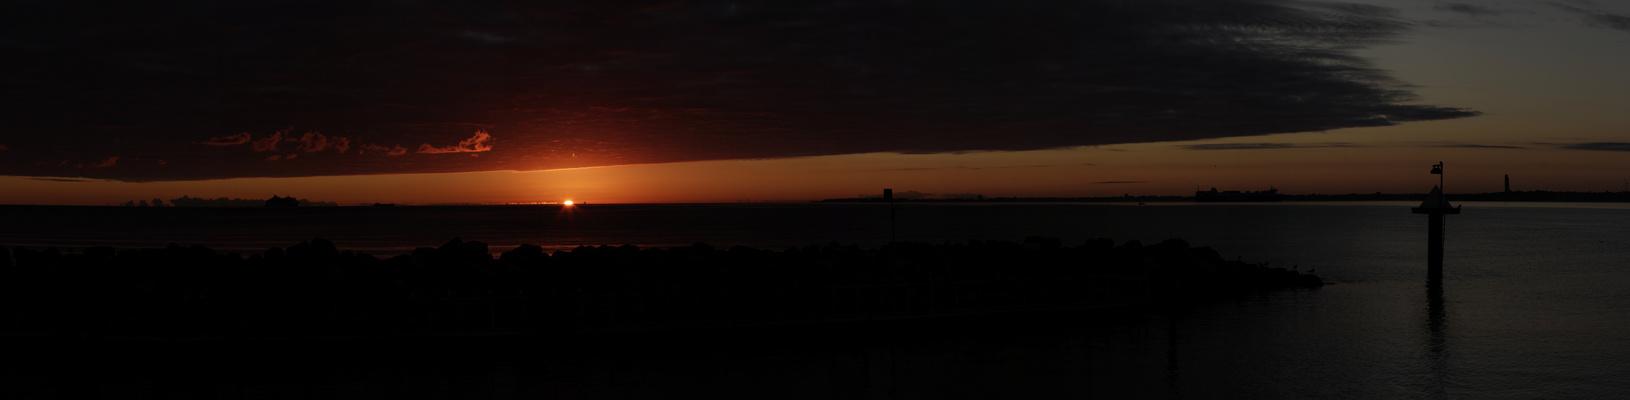 Sonnenaufgang bei Kiel (Schilksee)